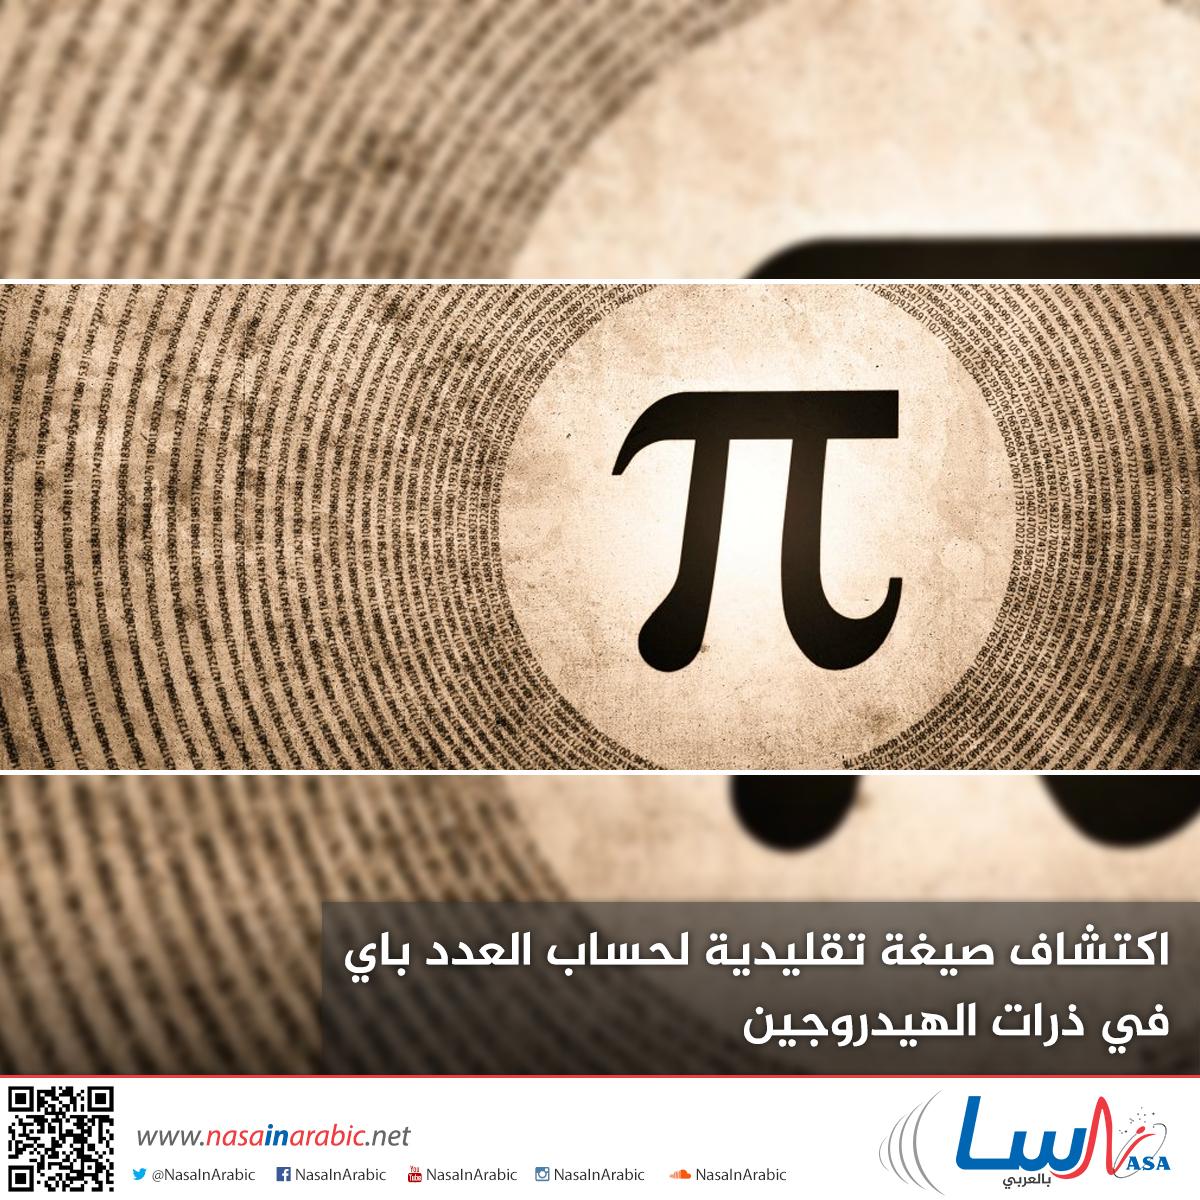 اكتشاف صيغة تقليدية لحساب العدد باي في ذرات الهيدروجين